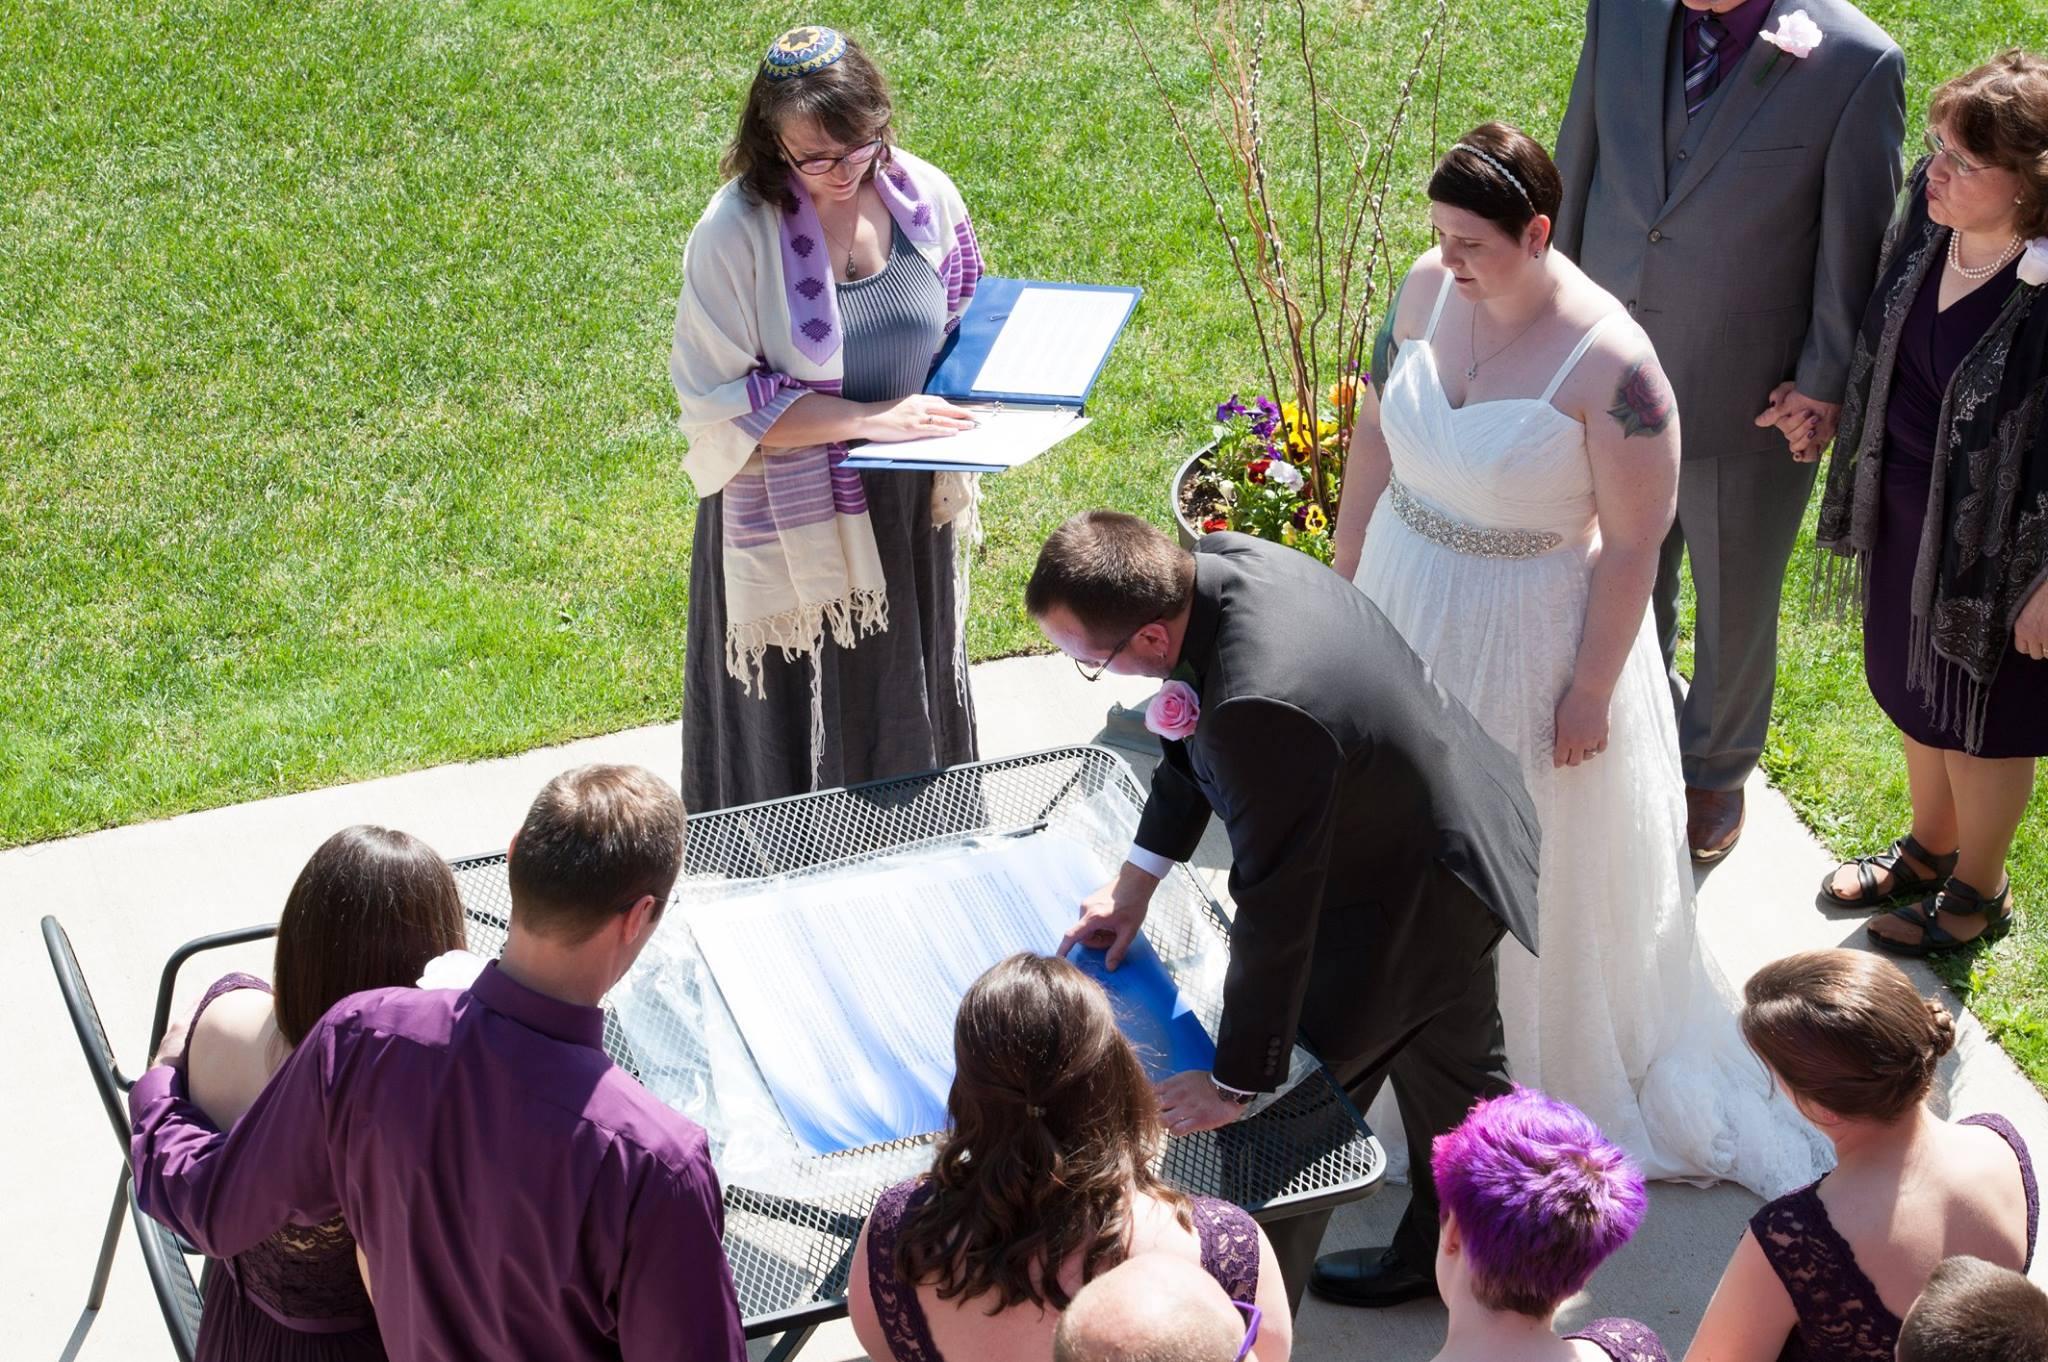 Wedding Ketubah Oliver and Heather signing.jpg